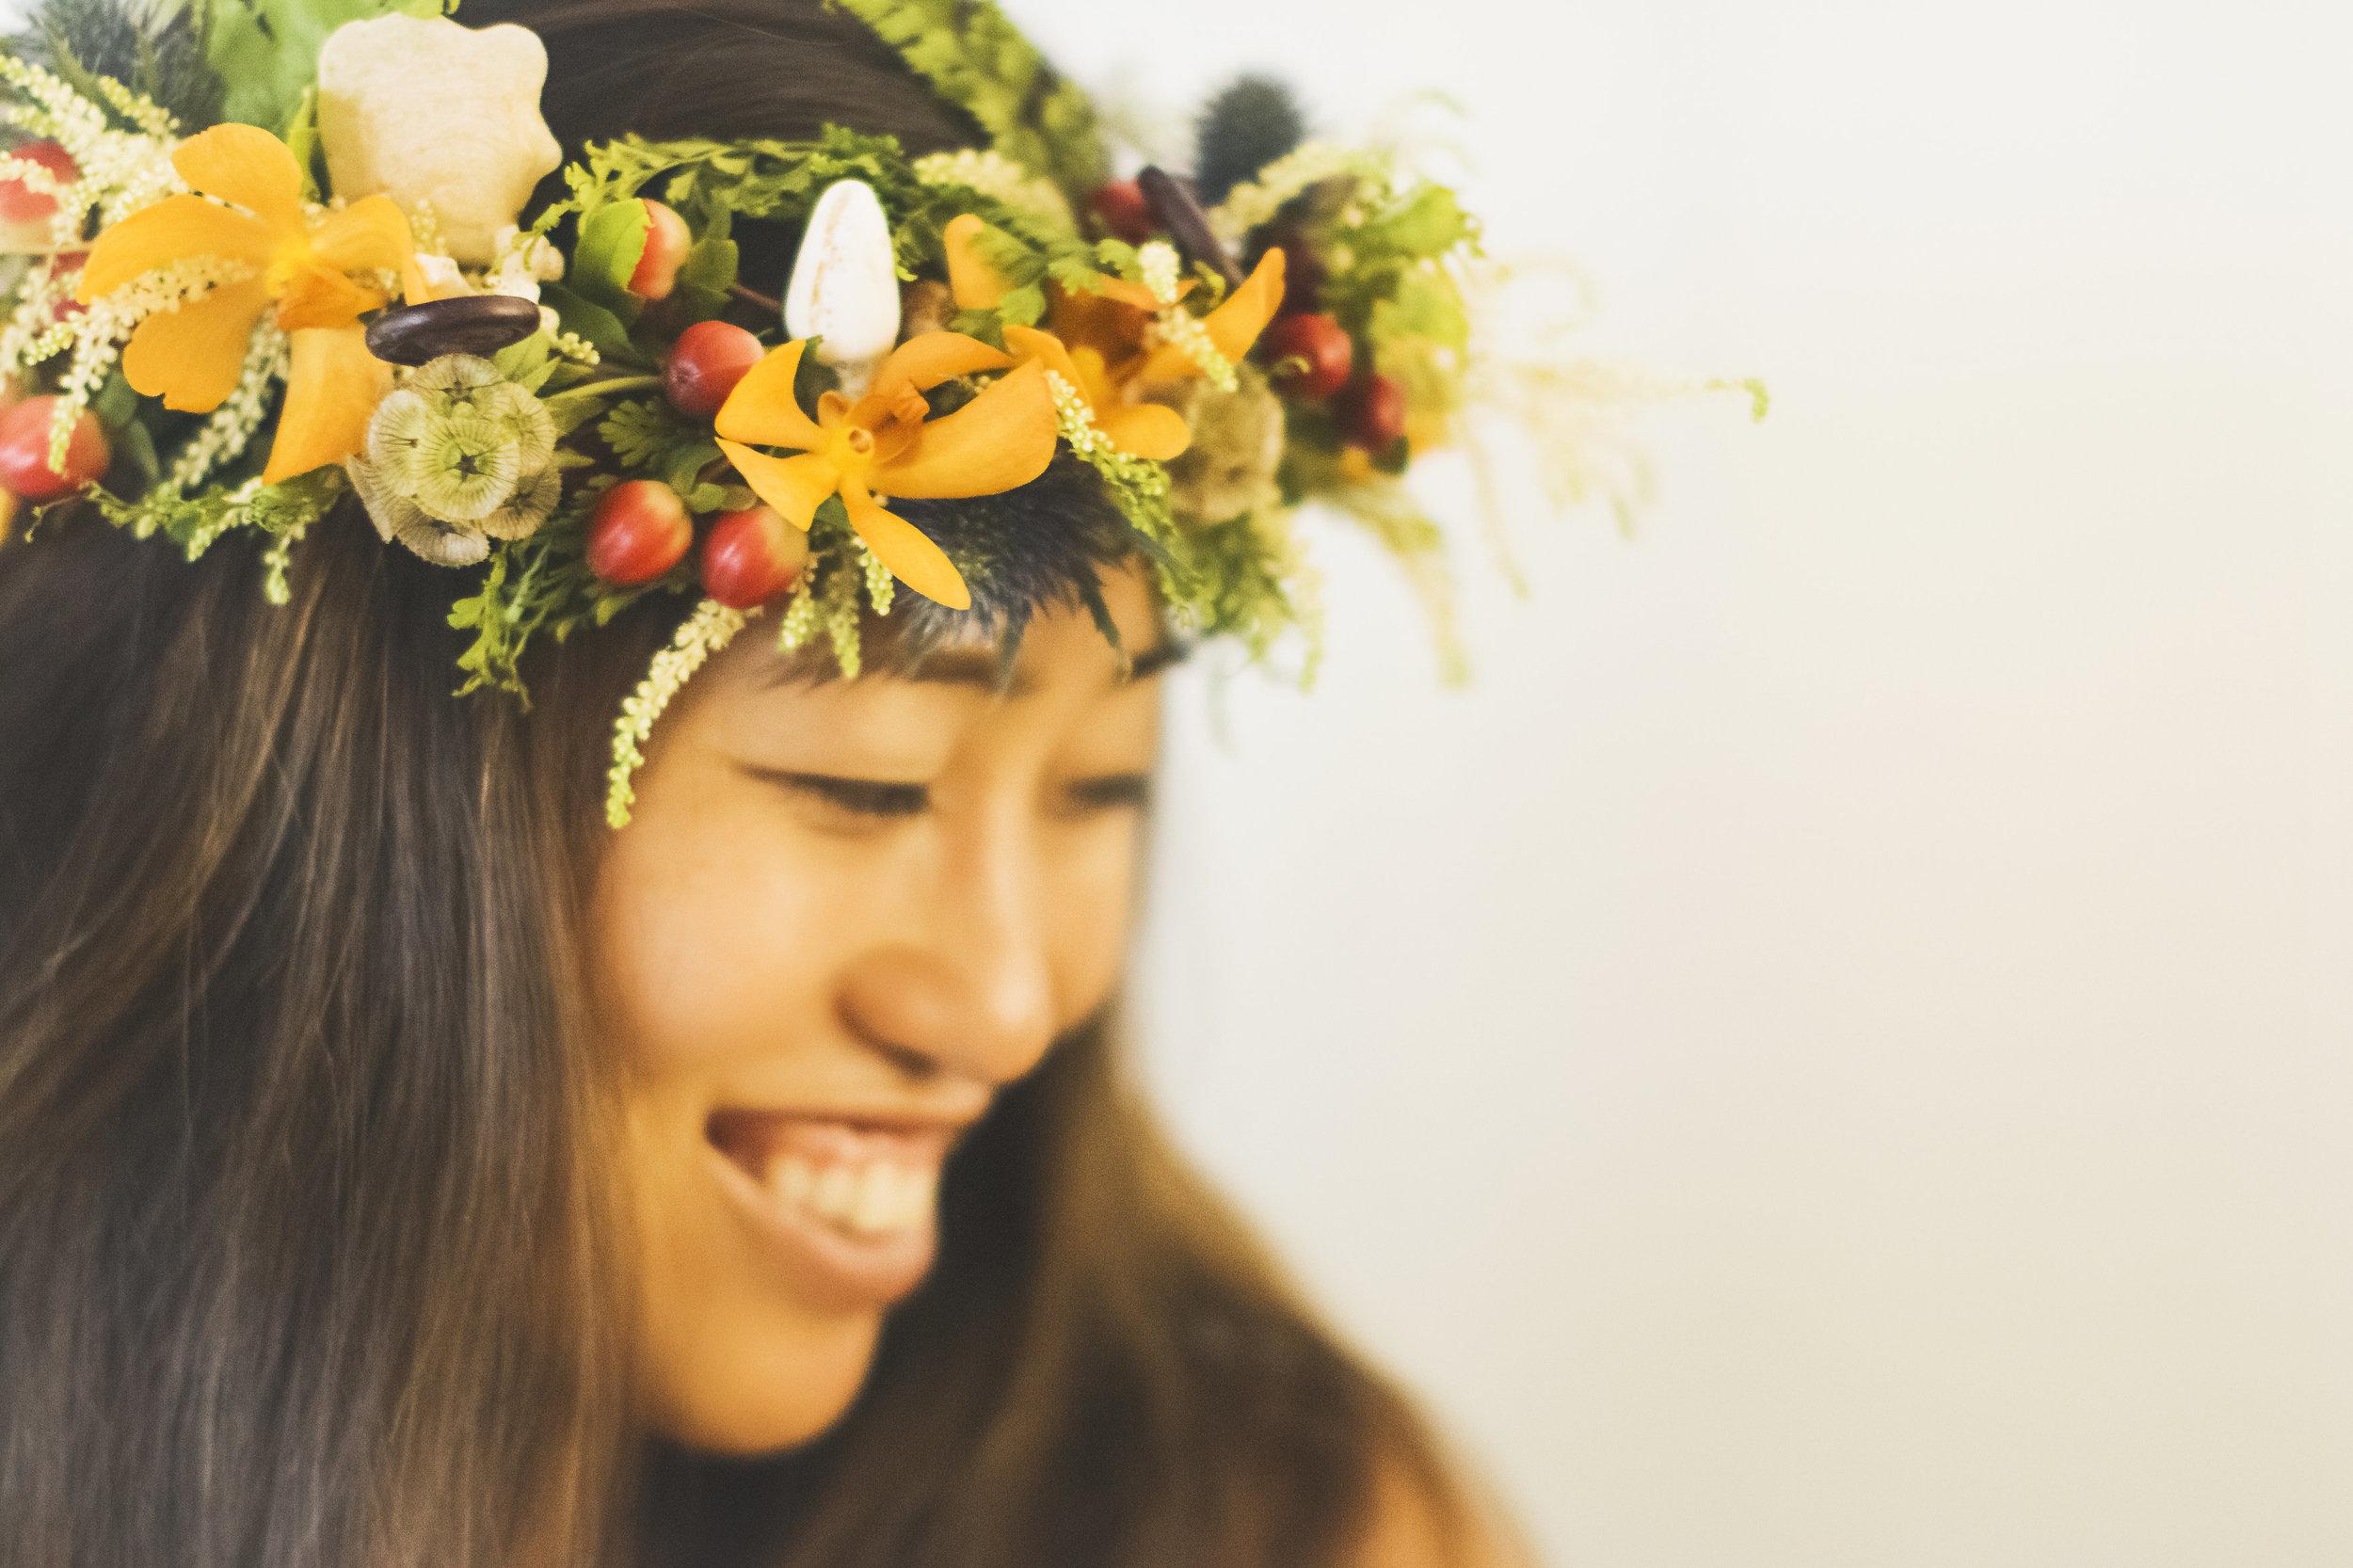 angie-diaz-photography-diy-flower-crown-tutorial-31.jpg